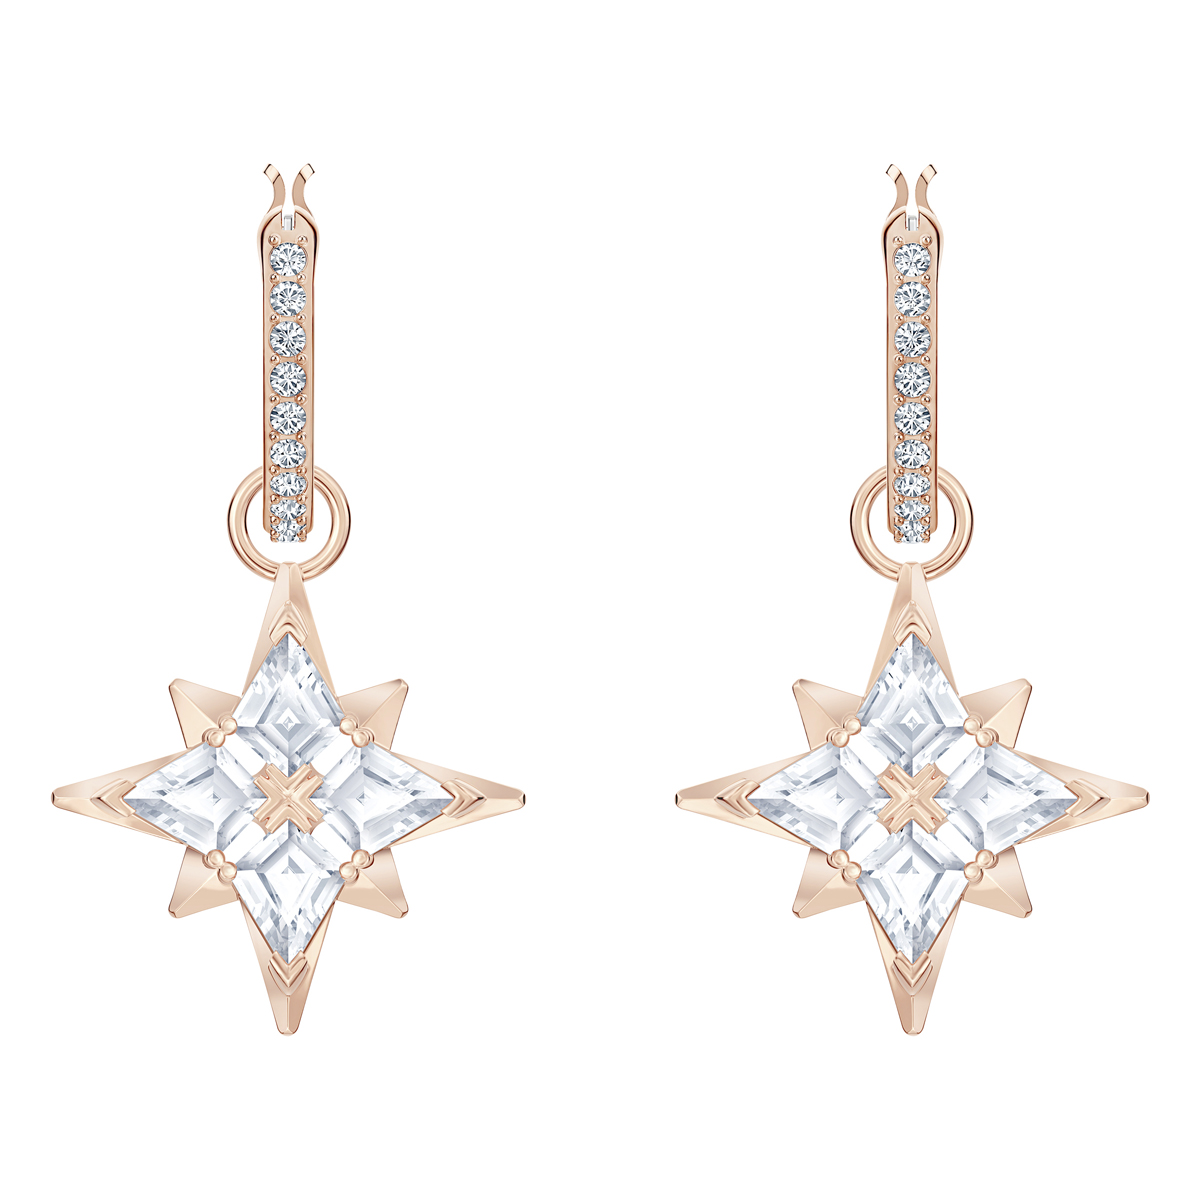 Swarovski Symbolic Star Hoop Pierced Earrings, White, Rose Gold